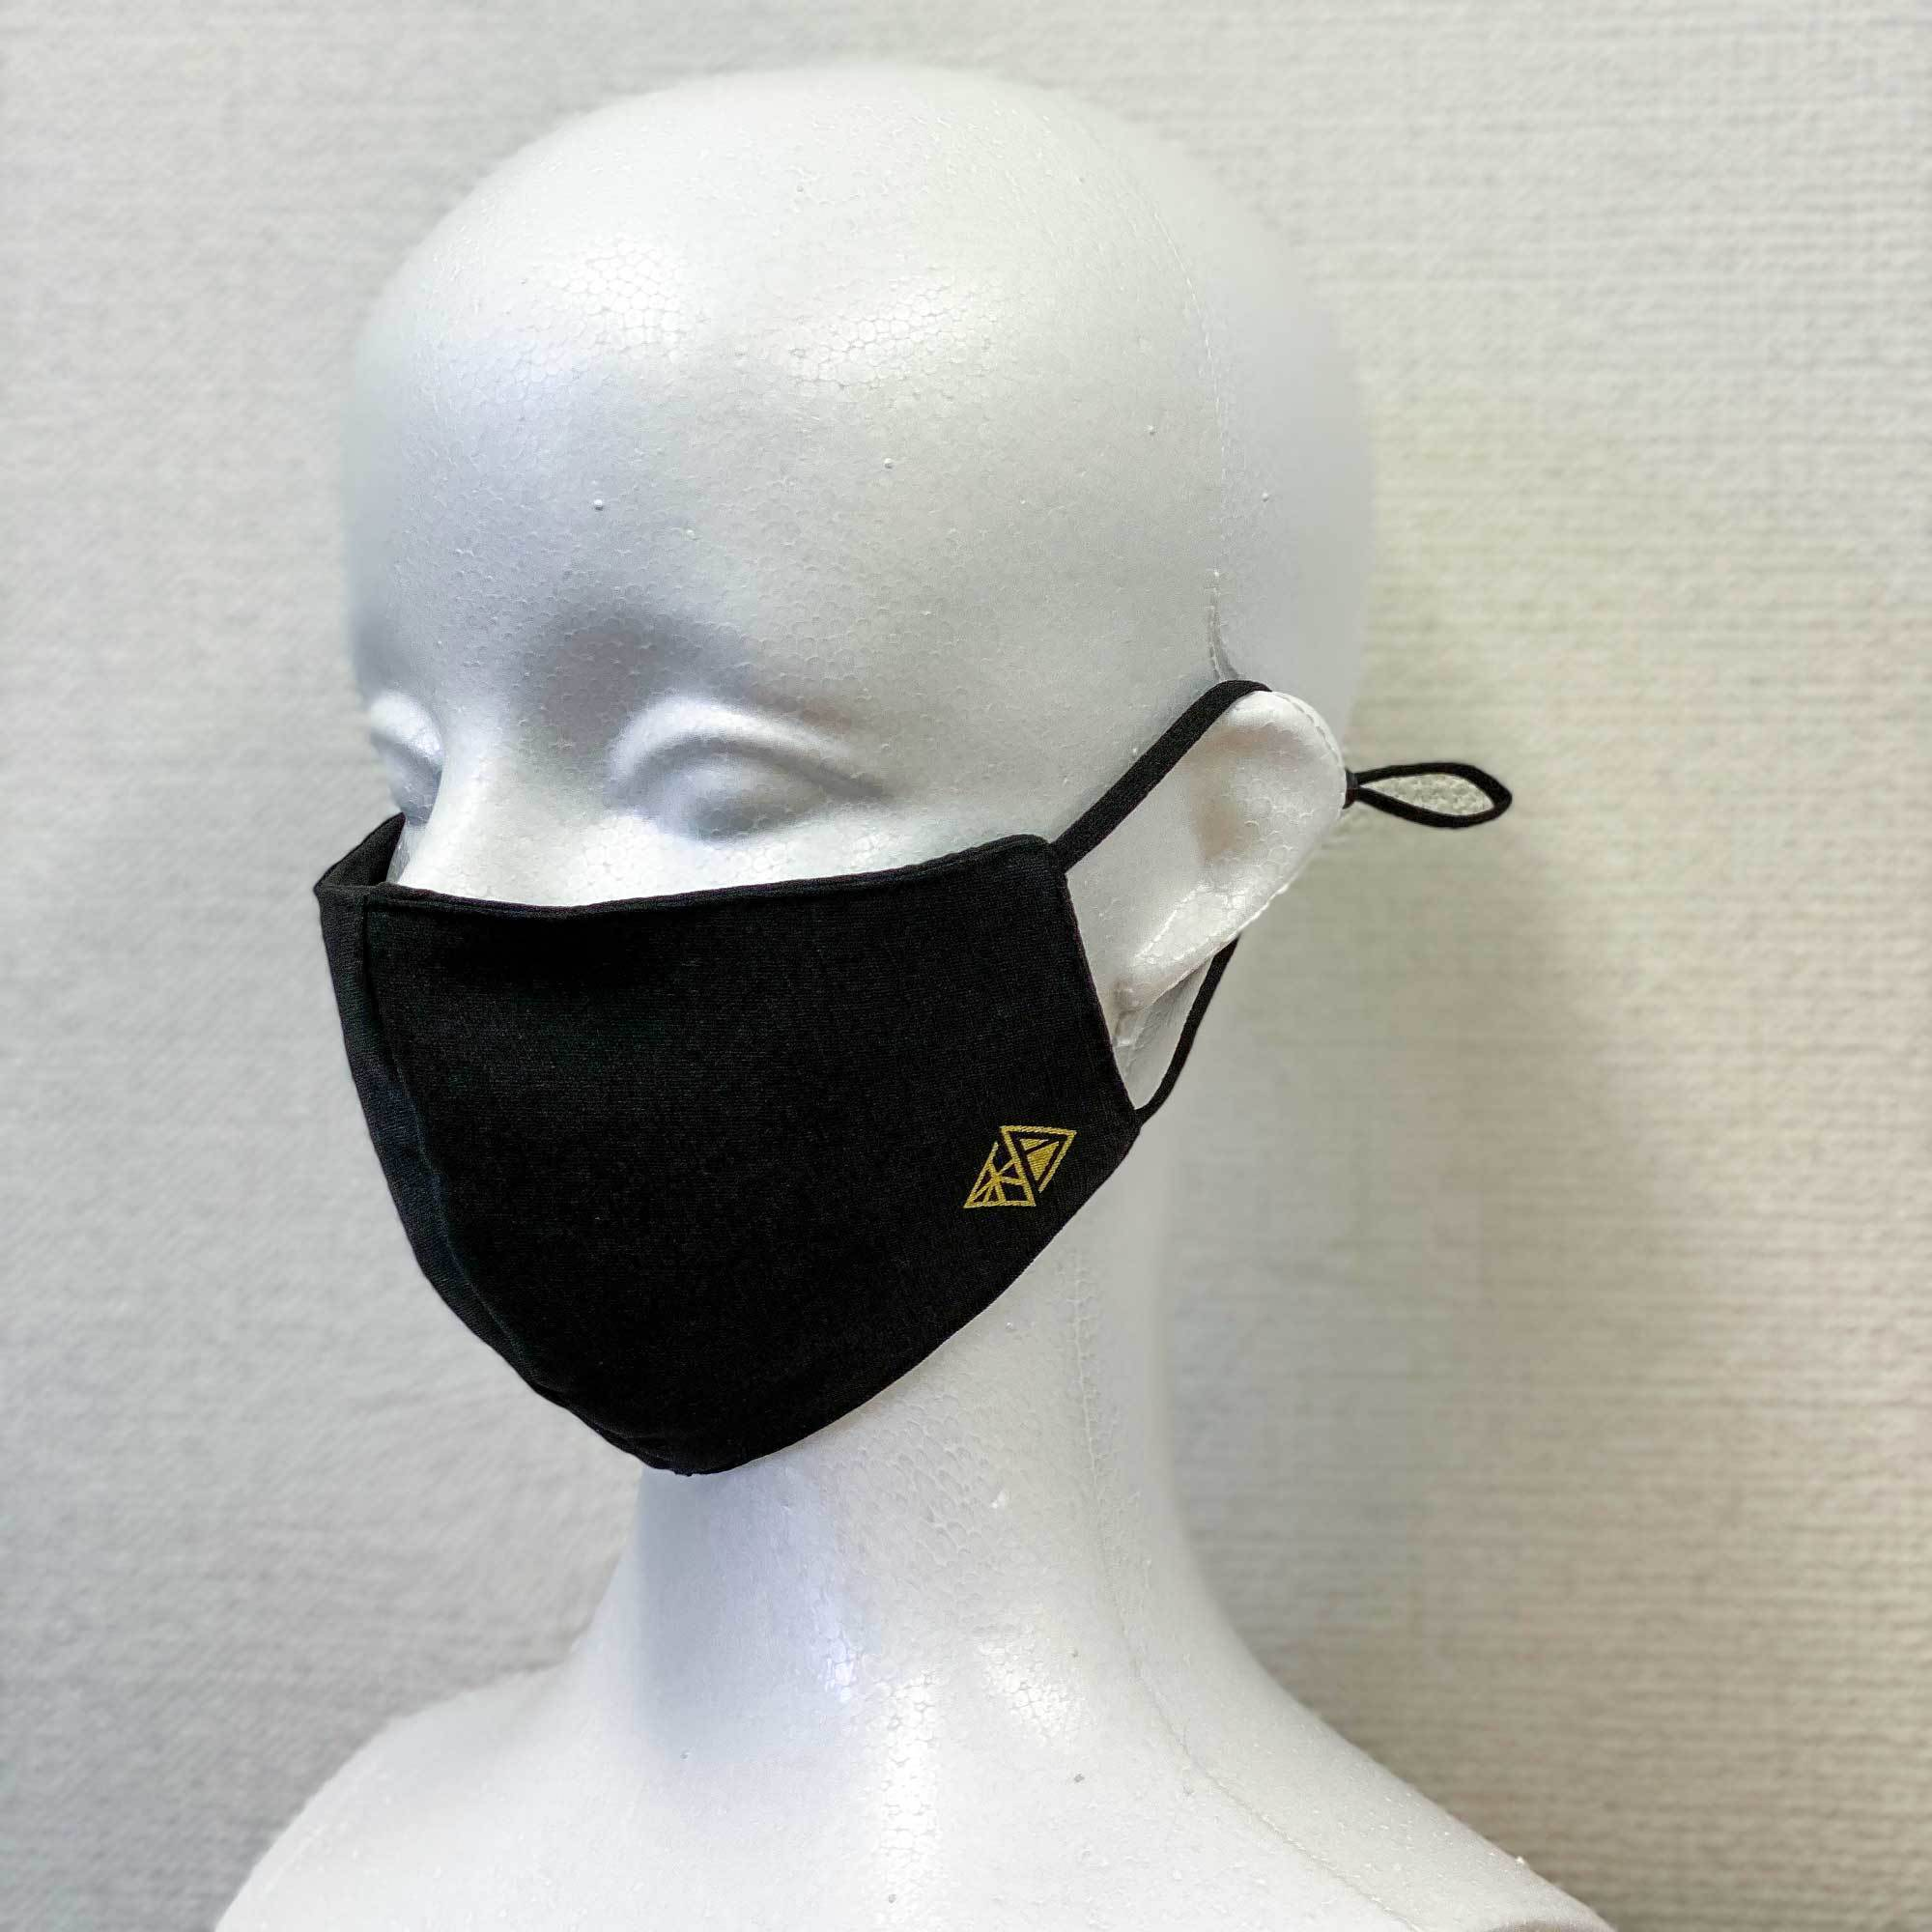 【1/3会場受取】オリジナルマスク【大新年会2021】